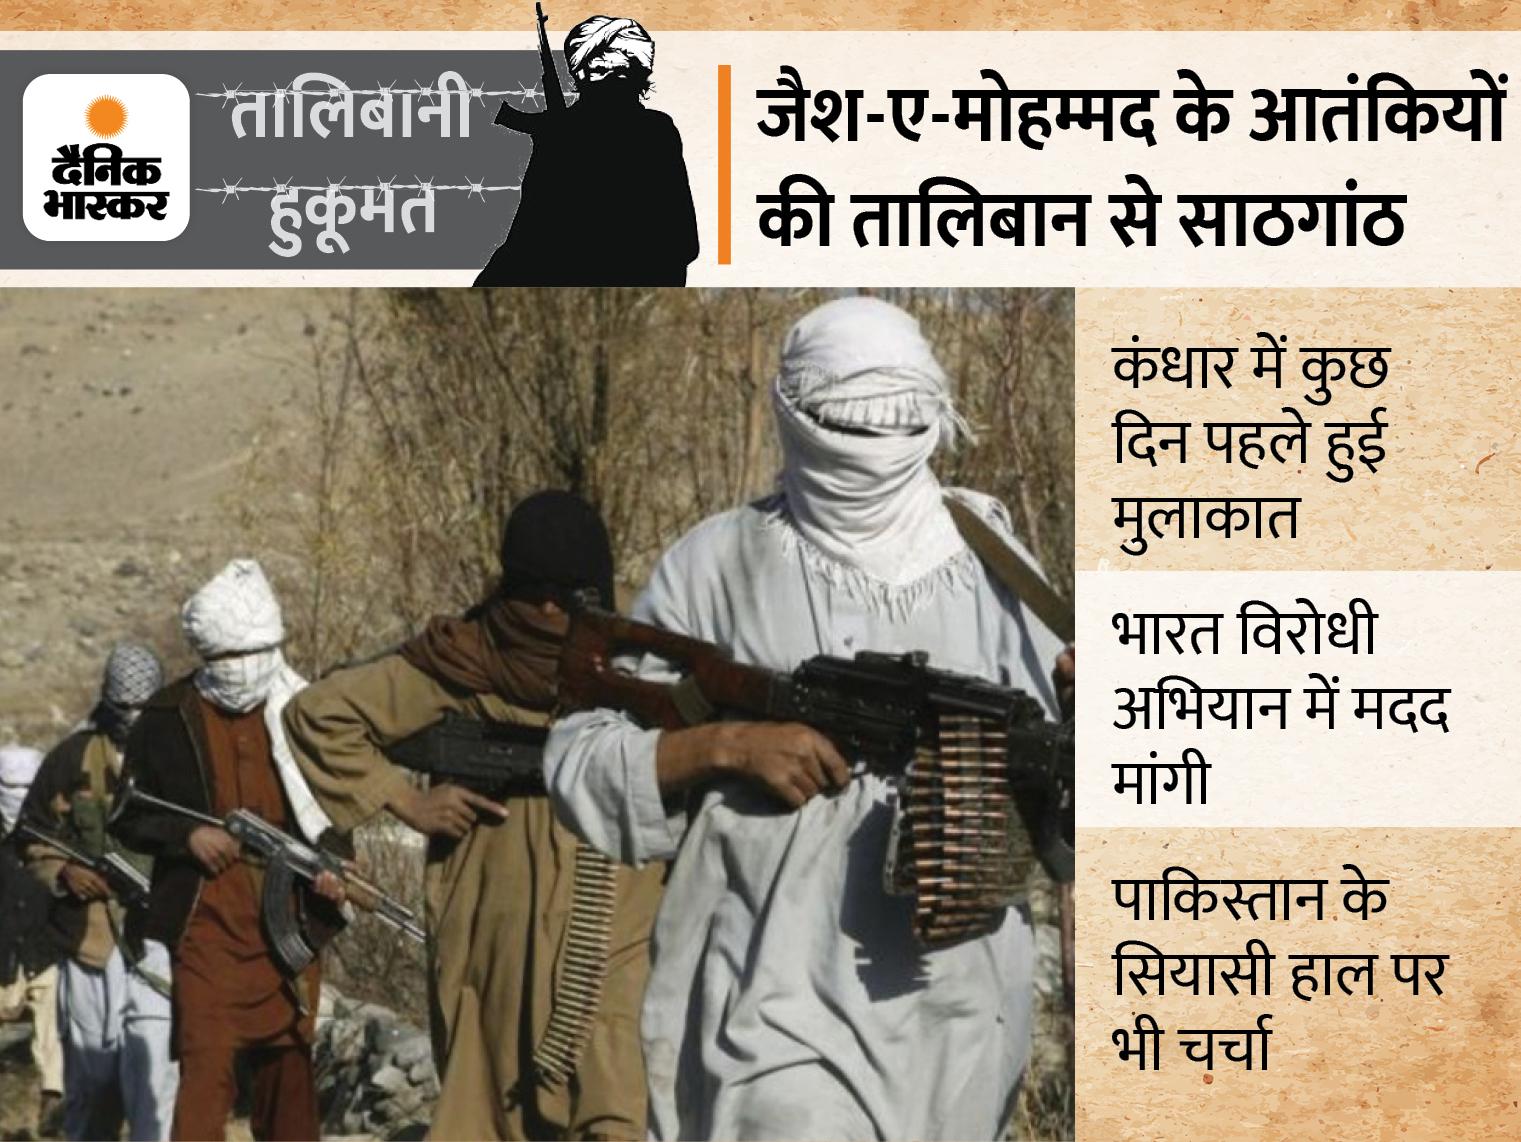 पाकिस्तानी आतंकियों ने कंधार में तालिबान से की सीक्रेट मीटिंग; कश्मीर समेत सभी राज्यों को अलर्ट जारी|देश,National - Dainik Bhaskar